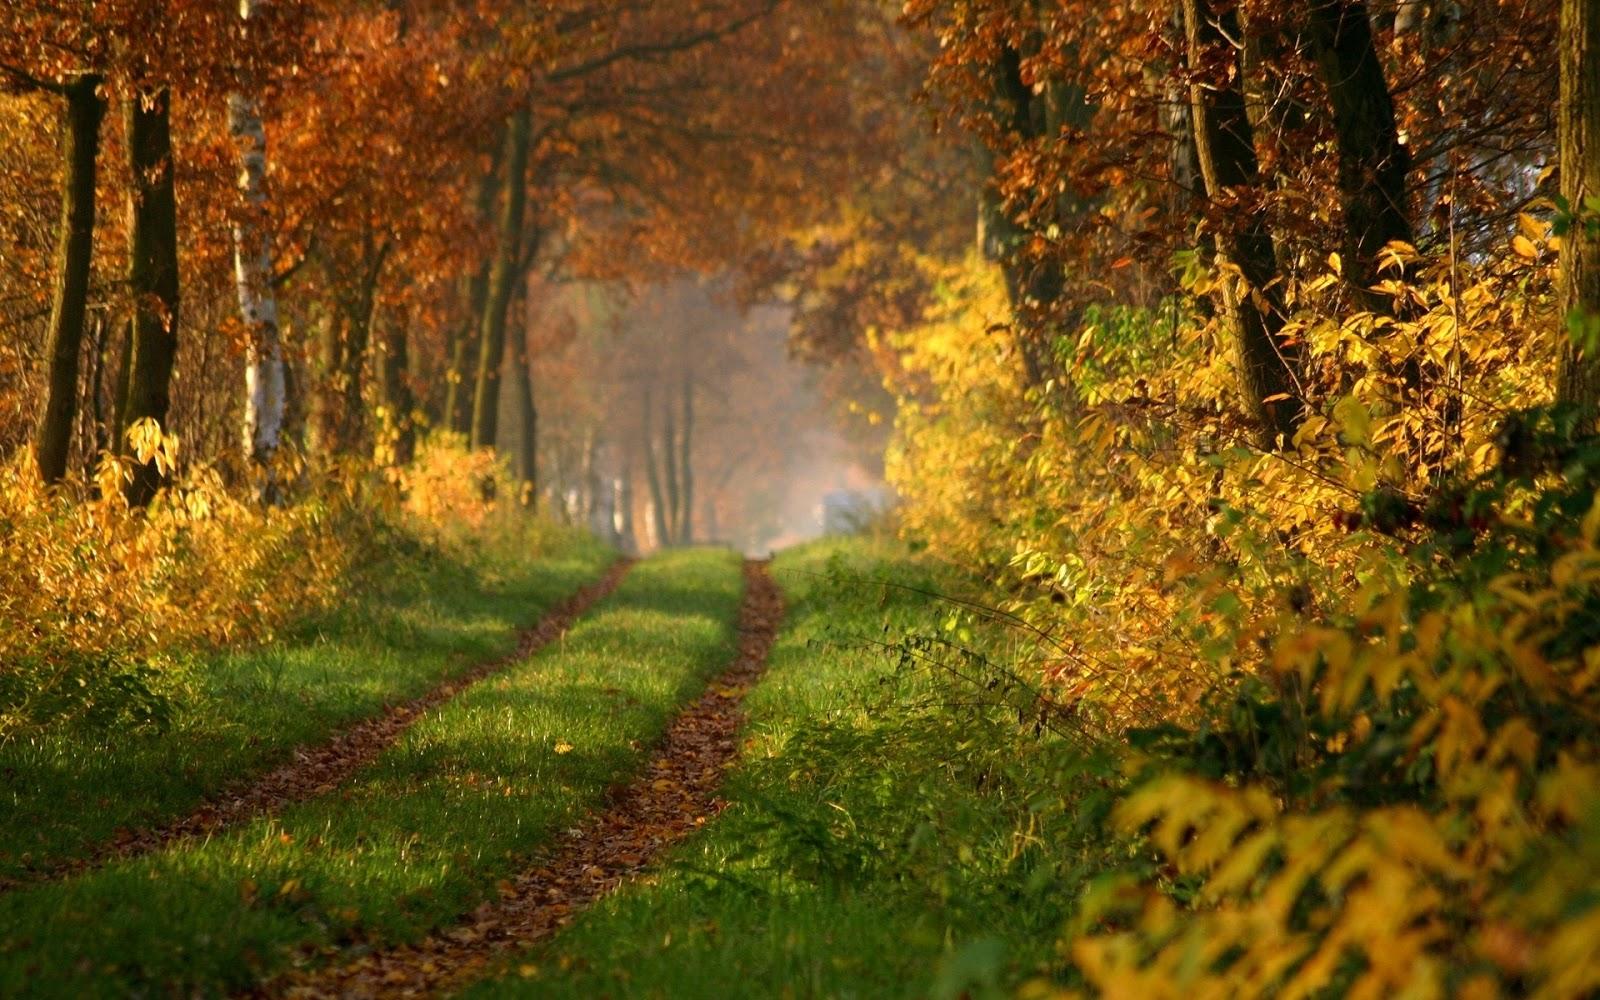 La encuentra corriendo y le paga para follar en el bosque descarga completo httpouoiorwhgd1 - 3 5